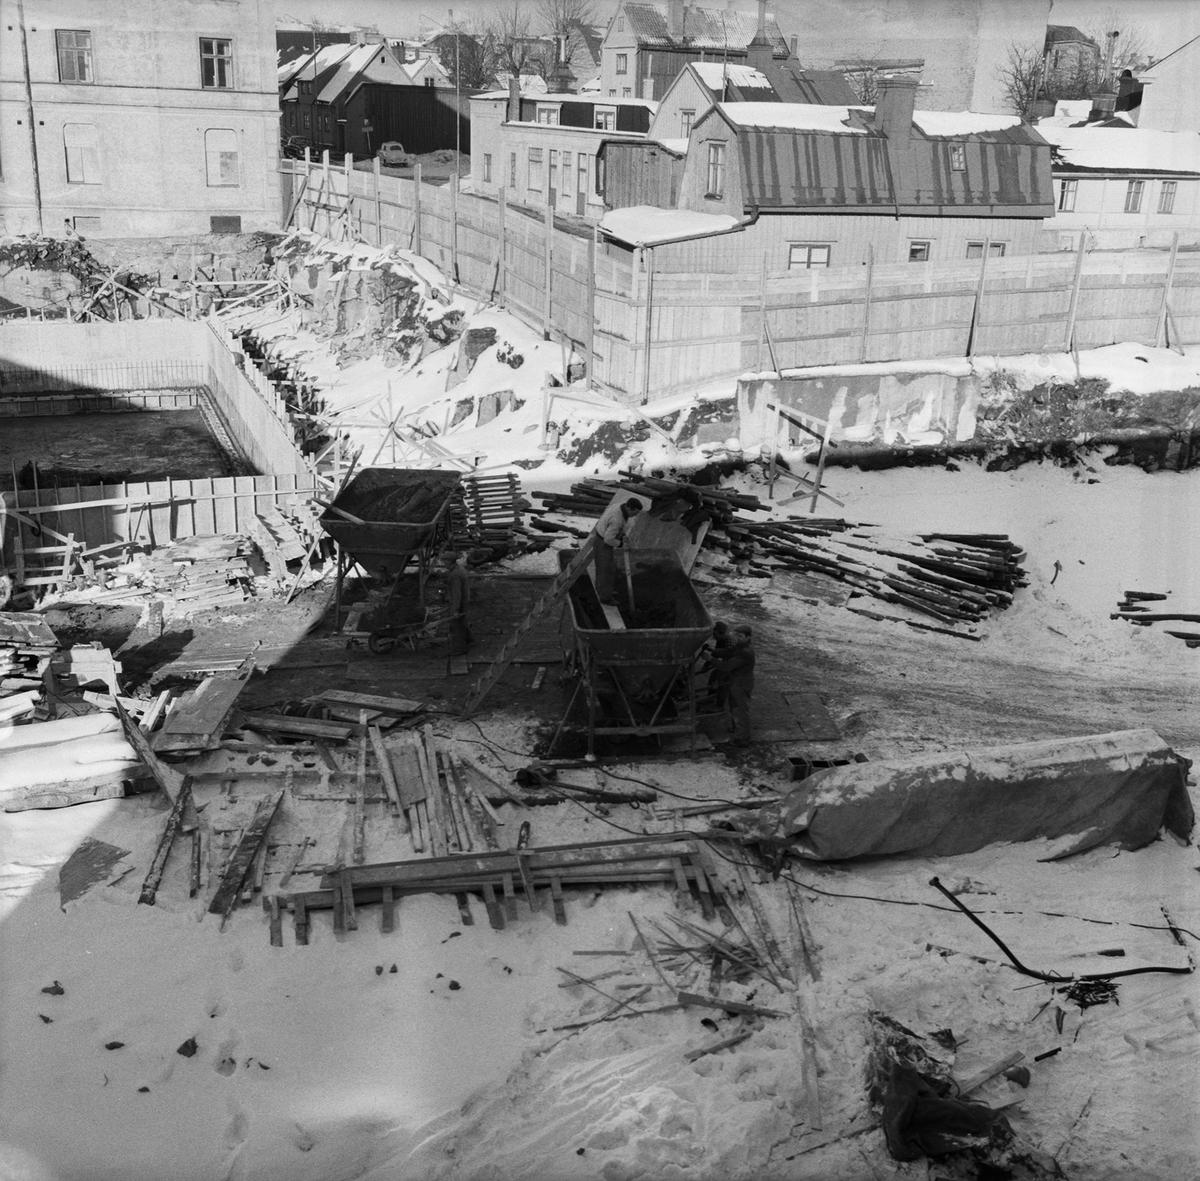 Övrigt: Fotodatum:22/2 1963. Byggnader och Kranar. Nyb området värmecentralen gjutning